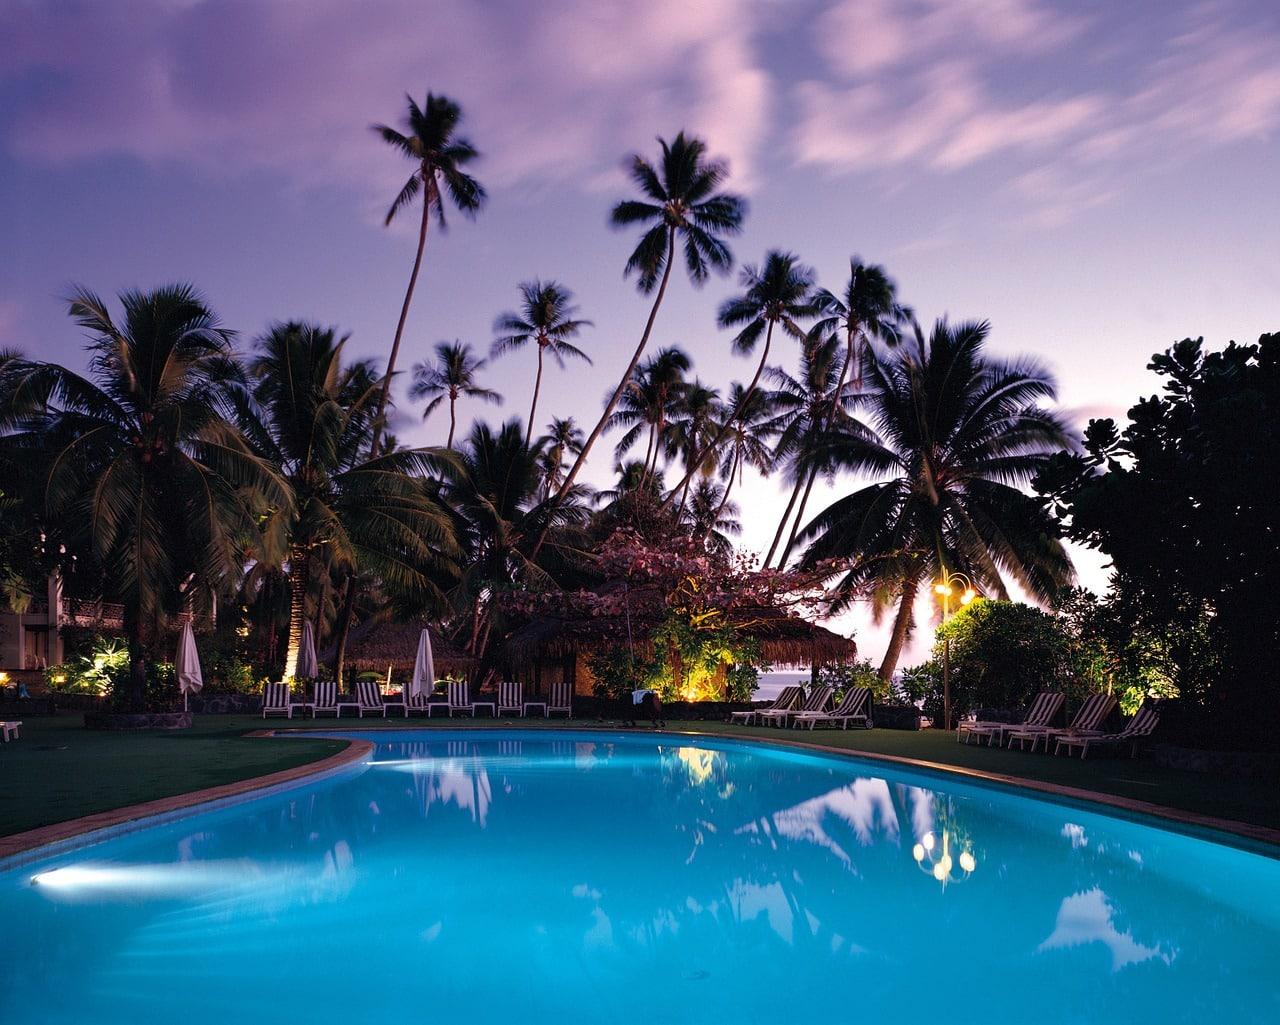 L'intérêt et les caractéristiques de la piscine de luxe: que faut-il savoir?